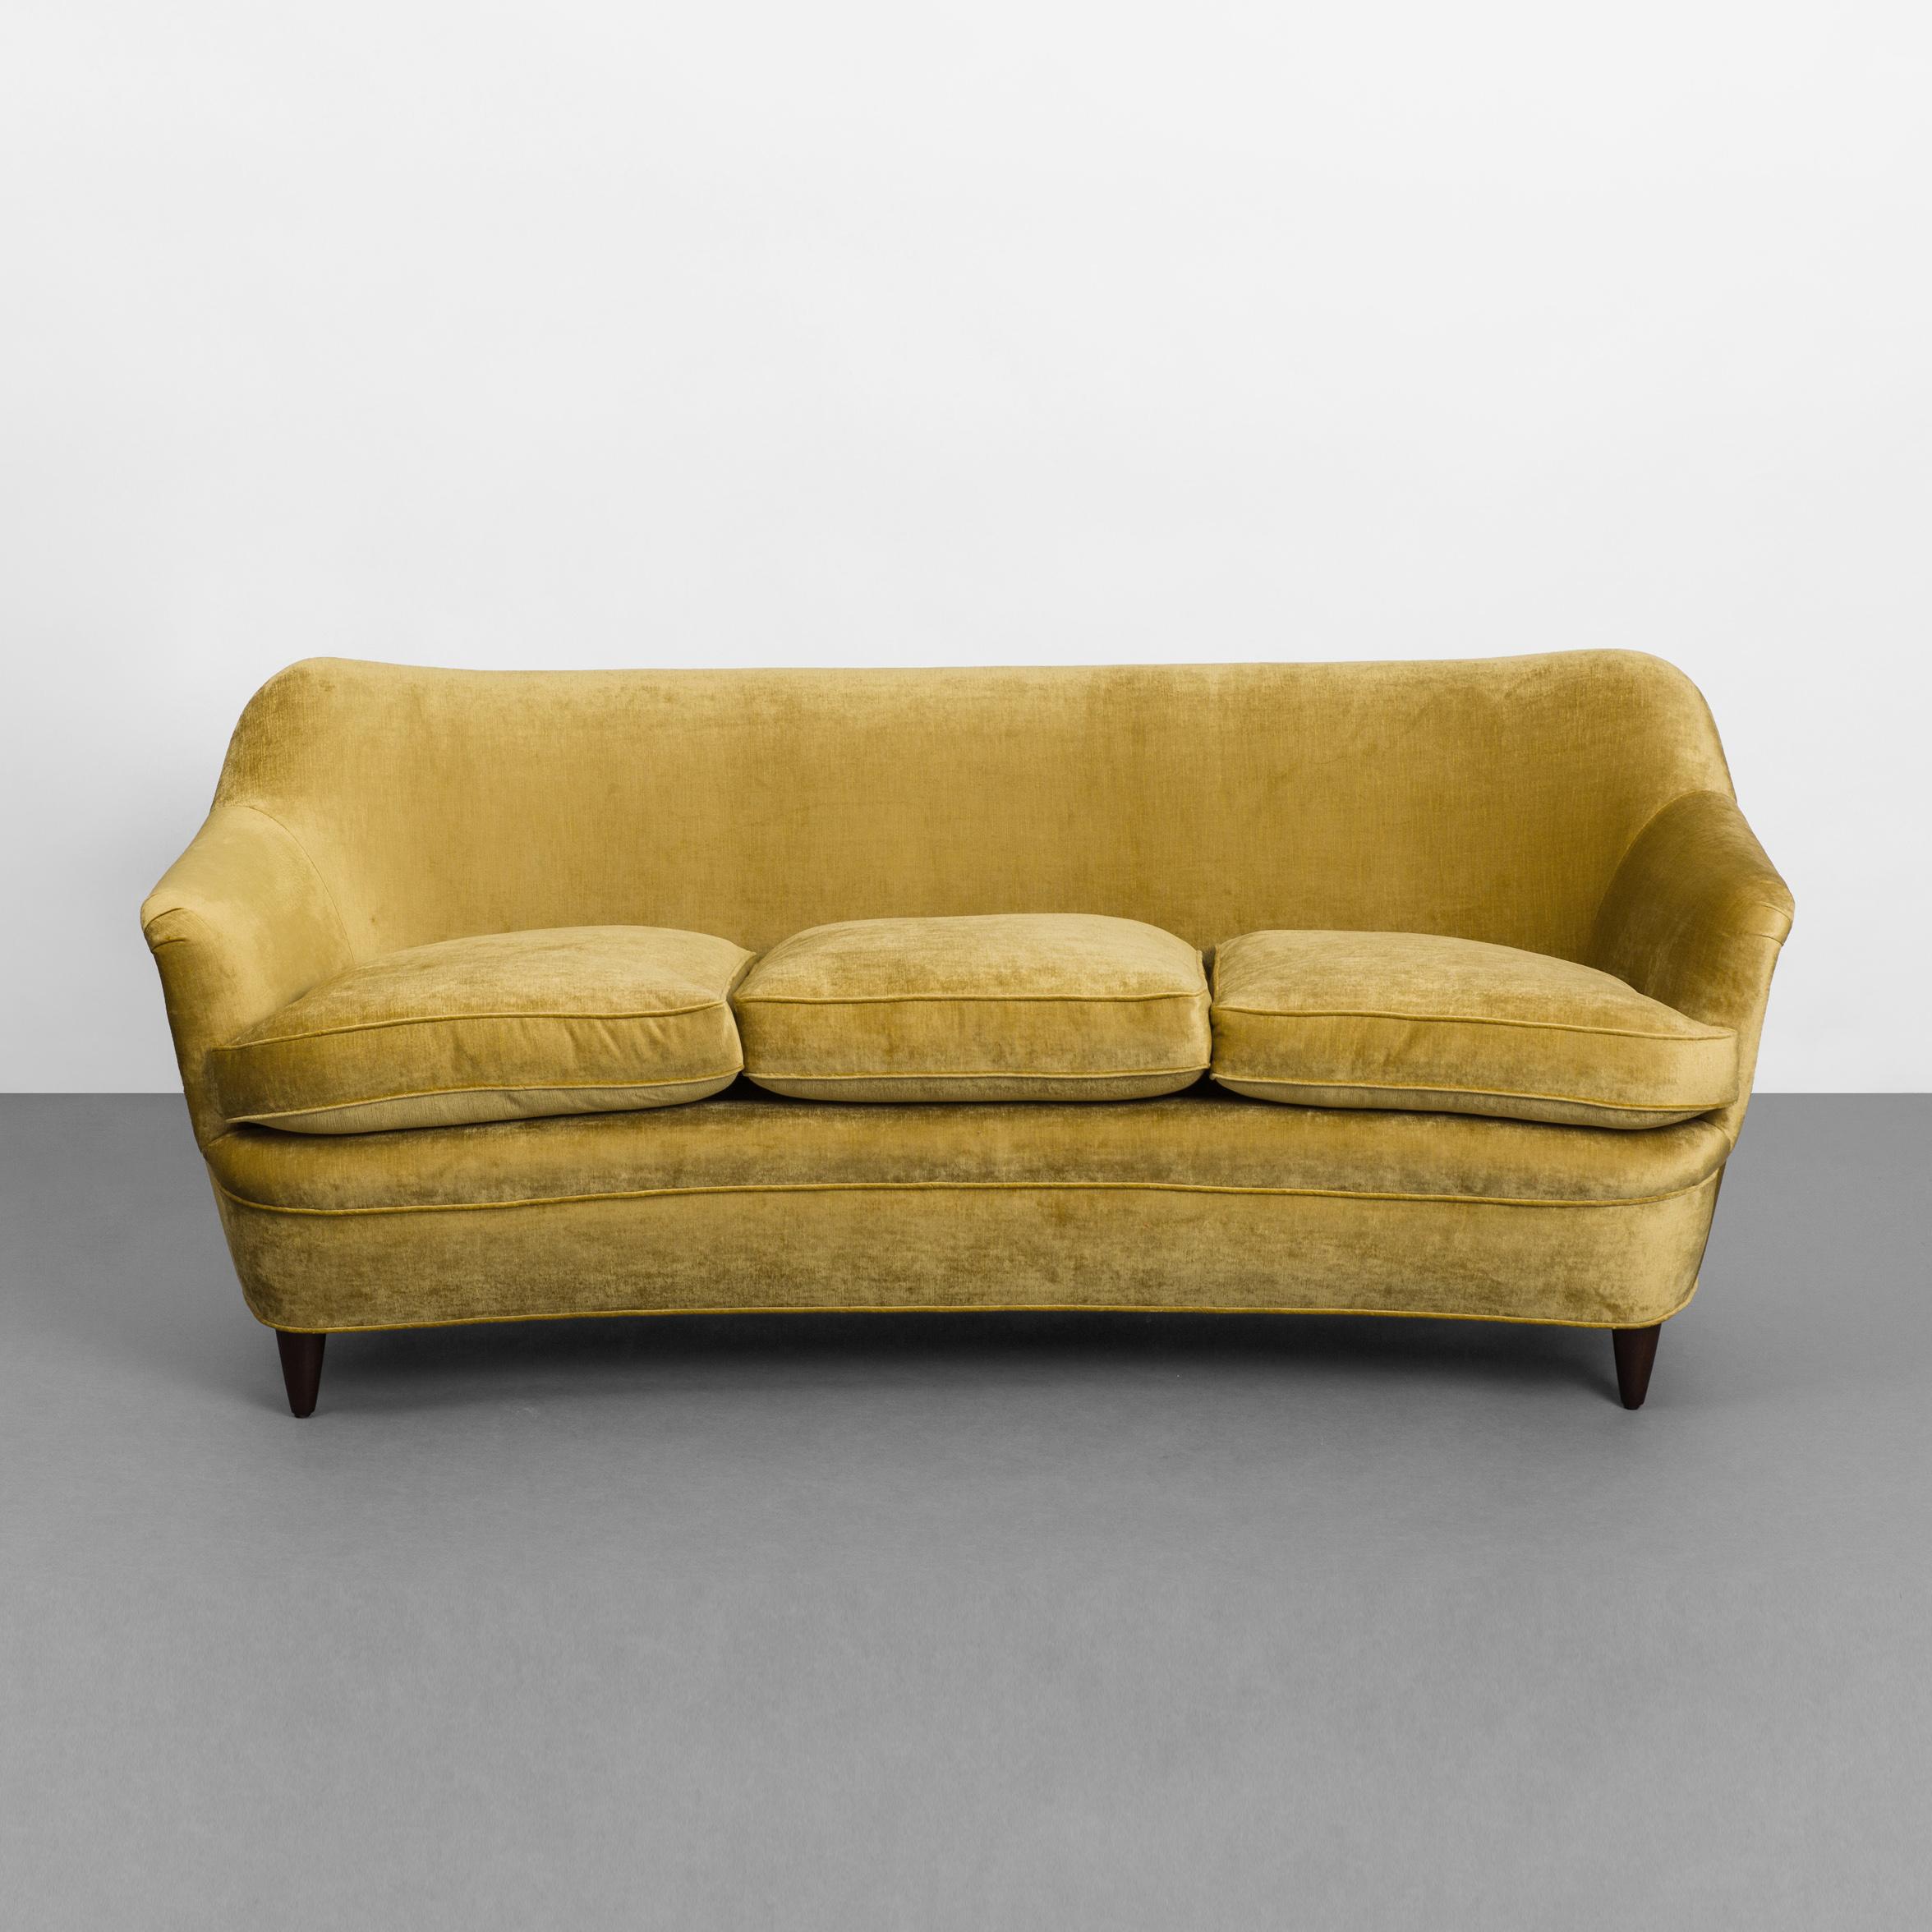 Sofa by Gio Ponti for Casa e Giardino   soyun k.